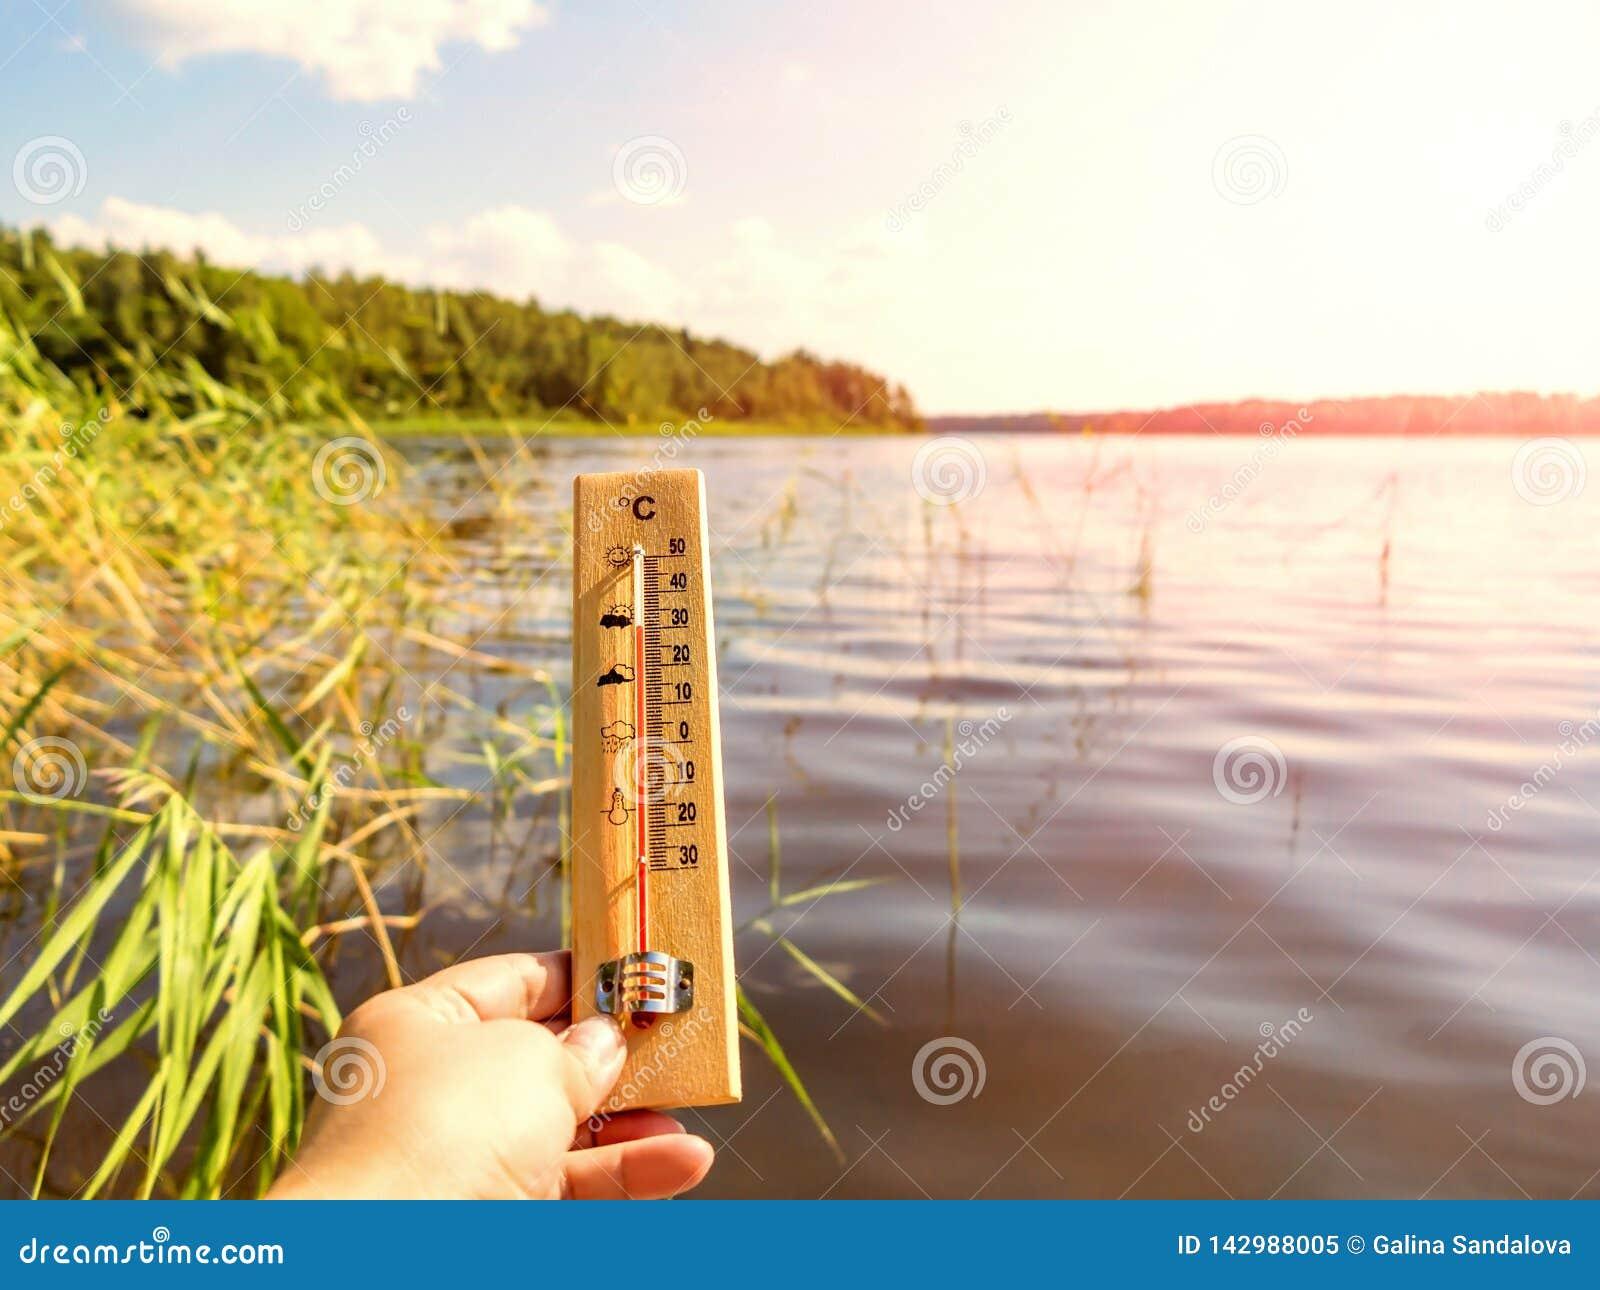 Thermometer die 30 graden van Celsius tonen van hitte tegen de achtergrond van het meerwater en de blauwe hemel in zonlicht